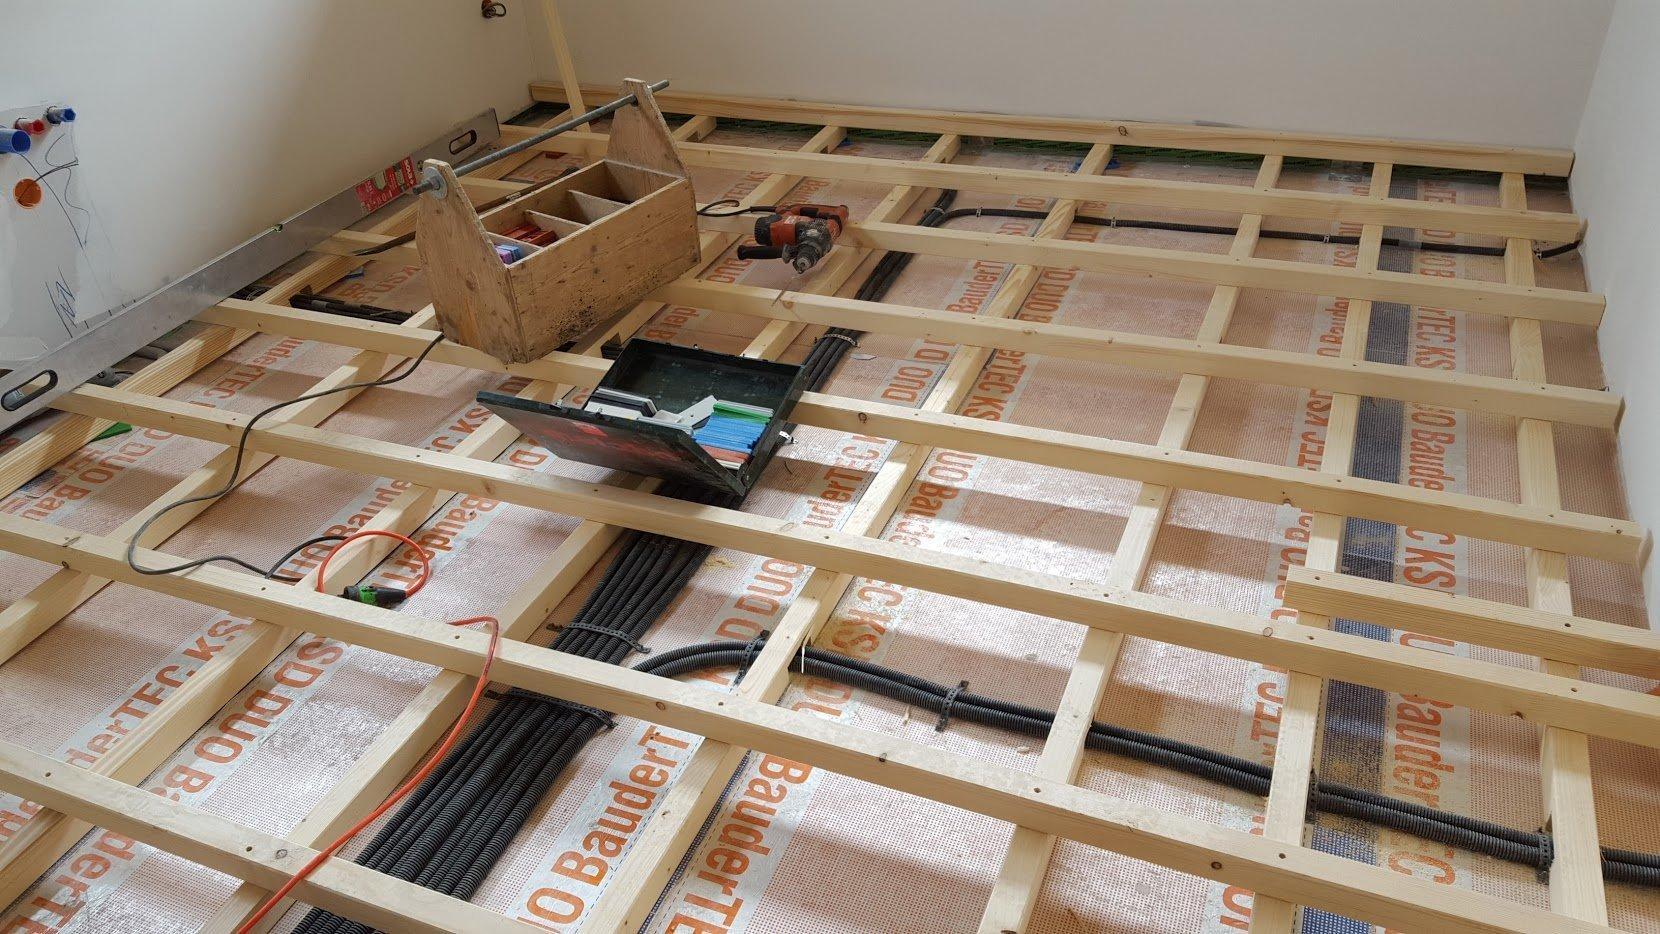 Holzfußboden Dämmen ~ Fußboden dämmung » dämmung unter fußbodenheizung at haus design